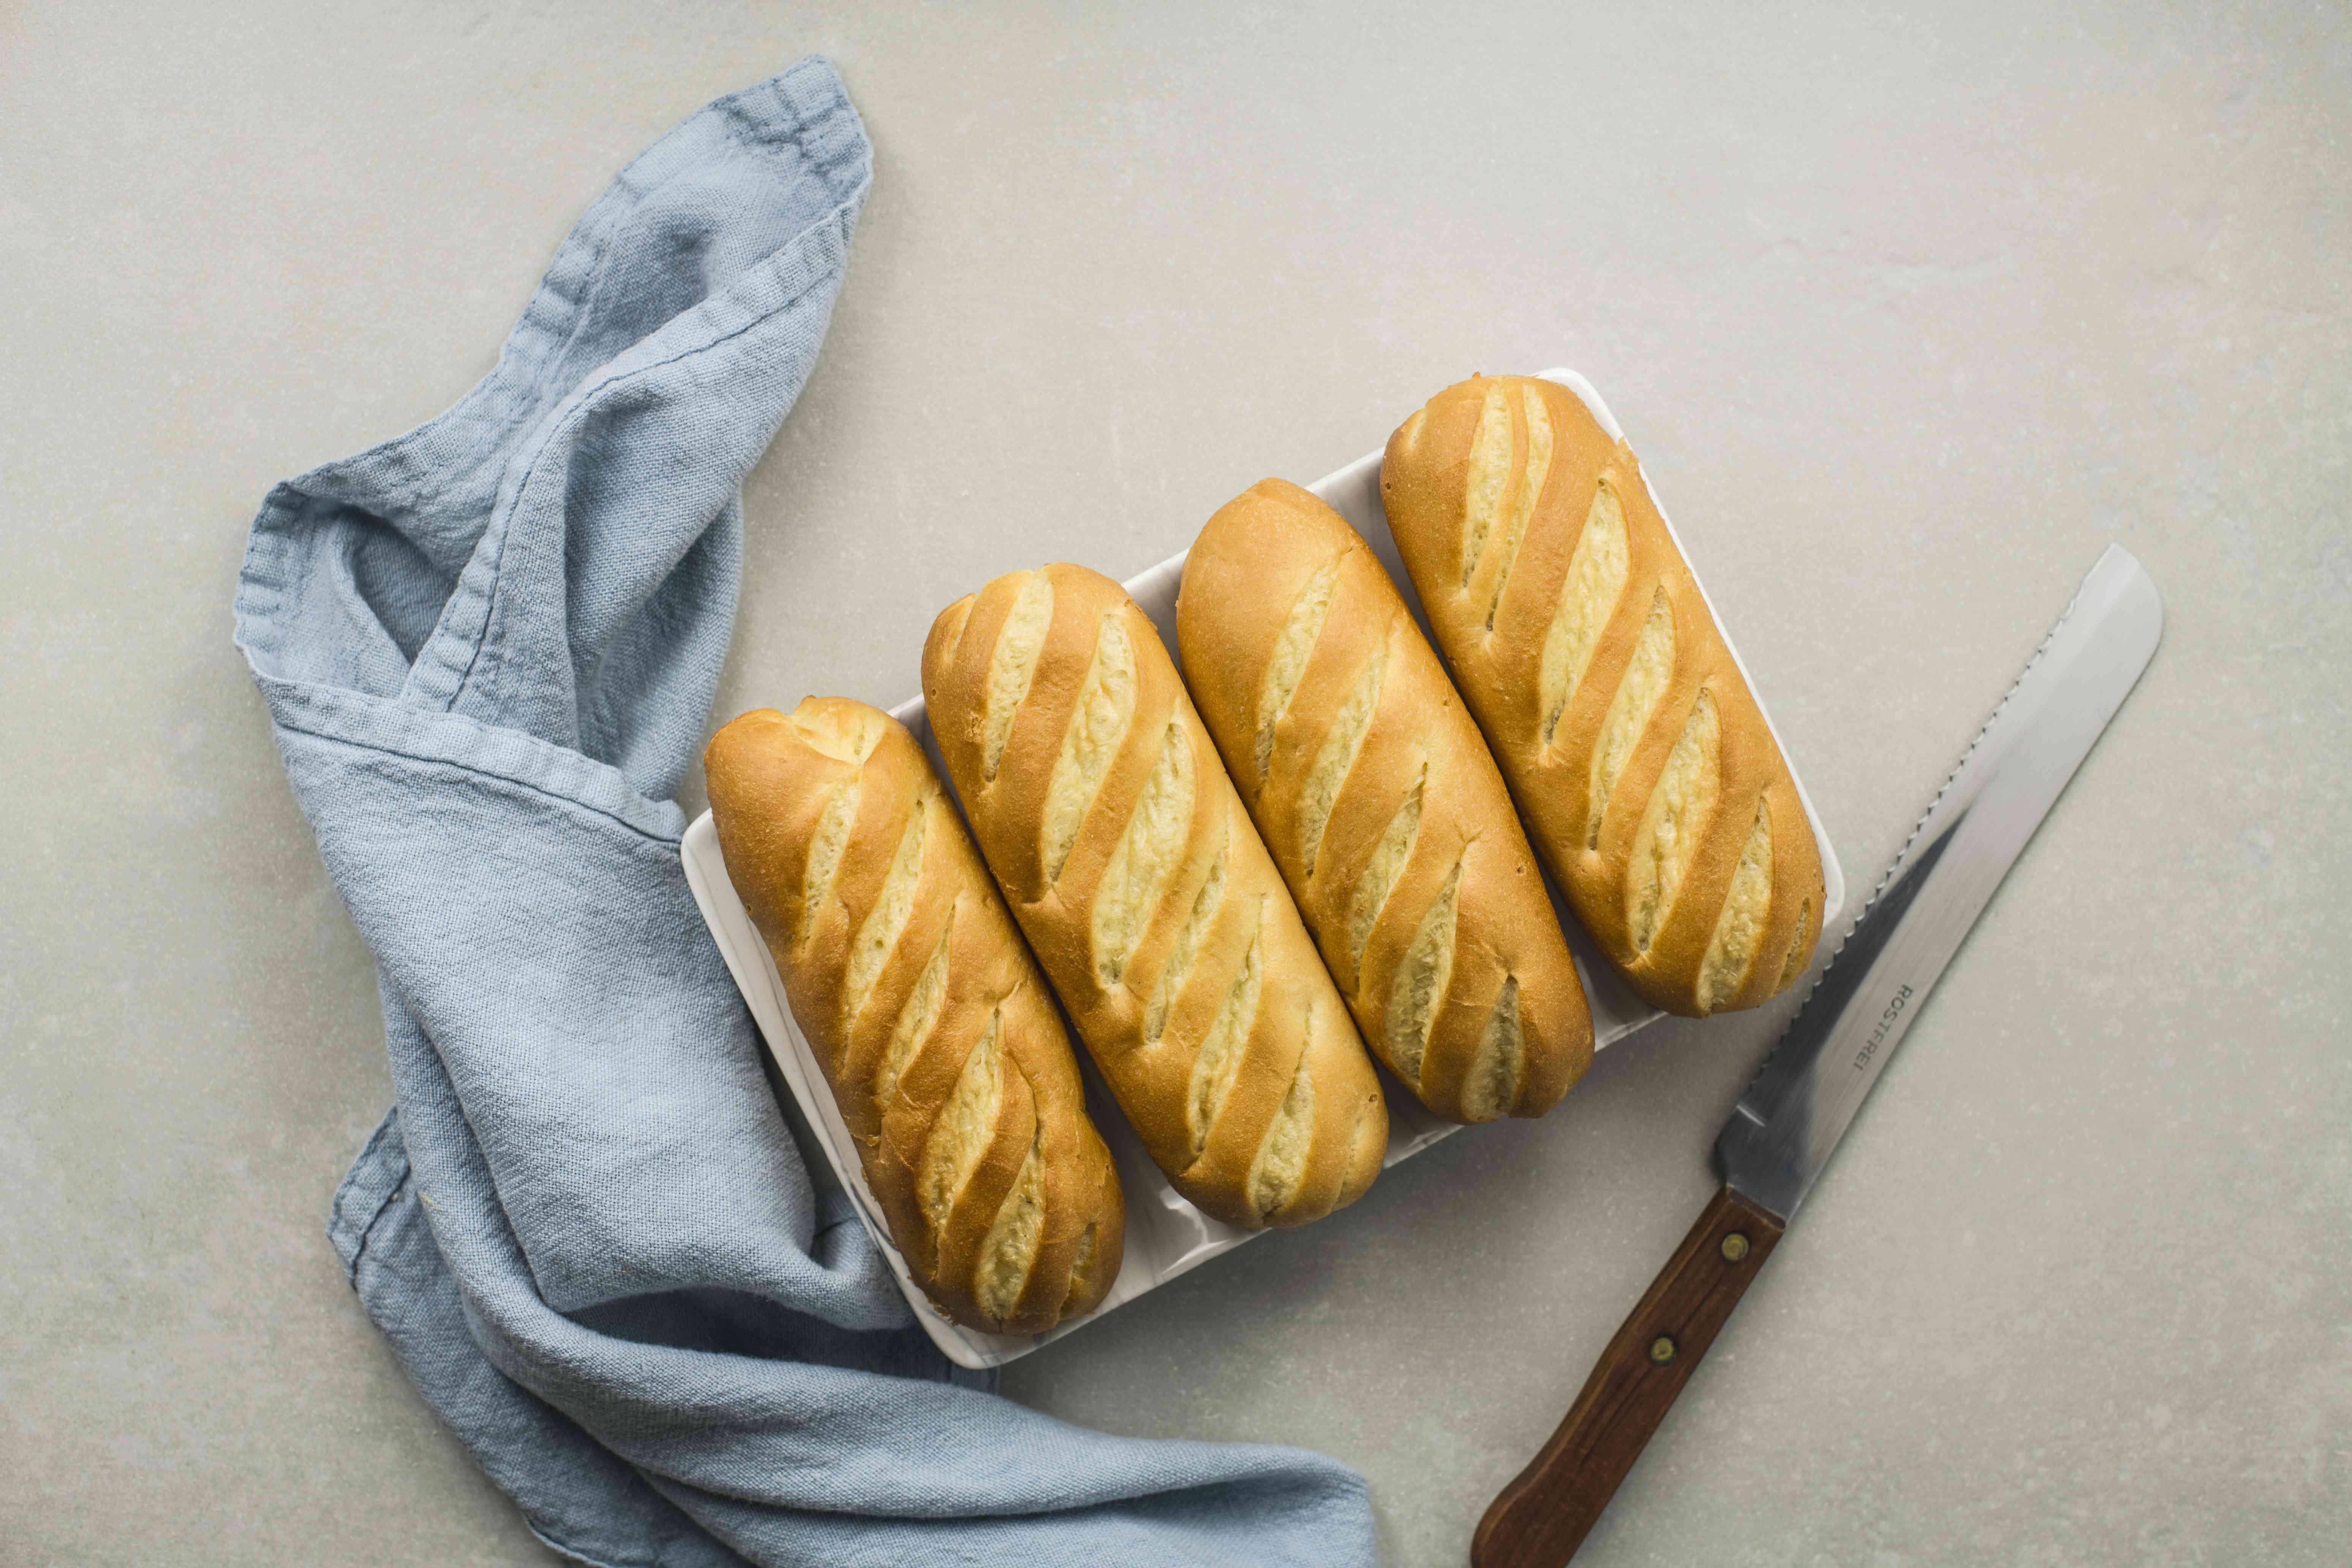 Slice baguettes